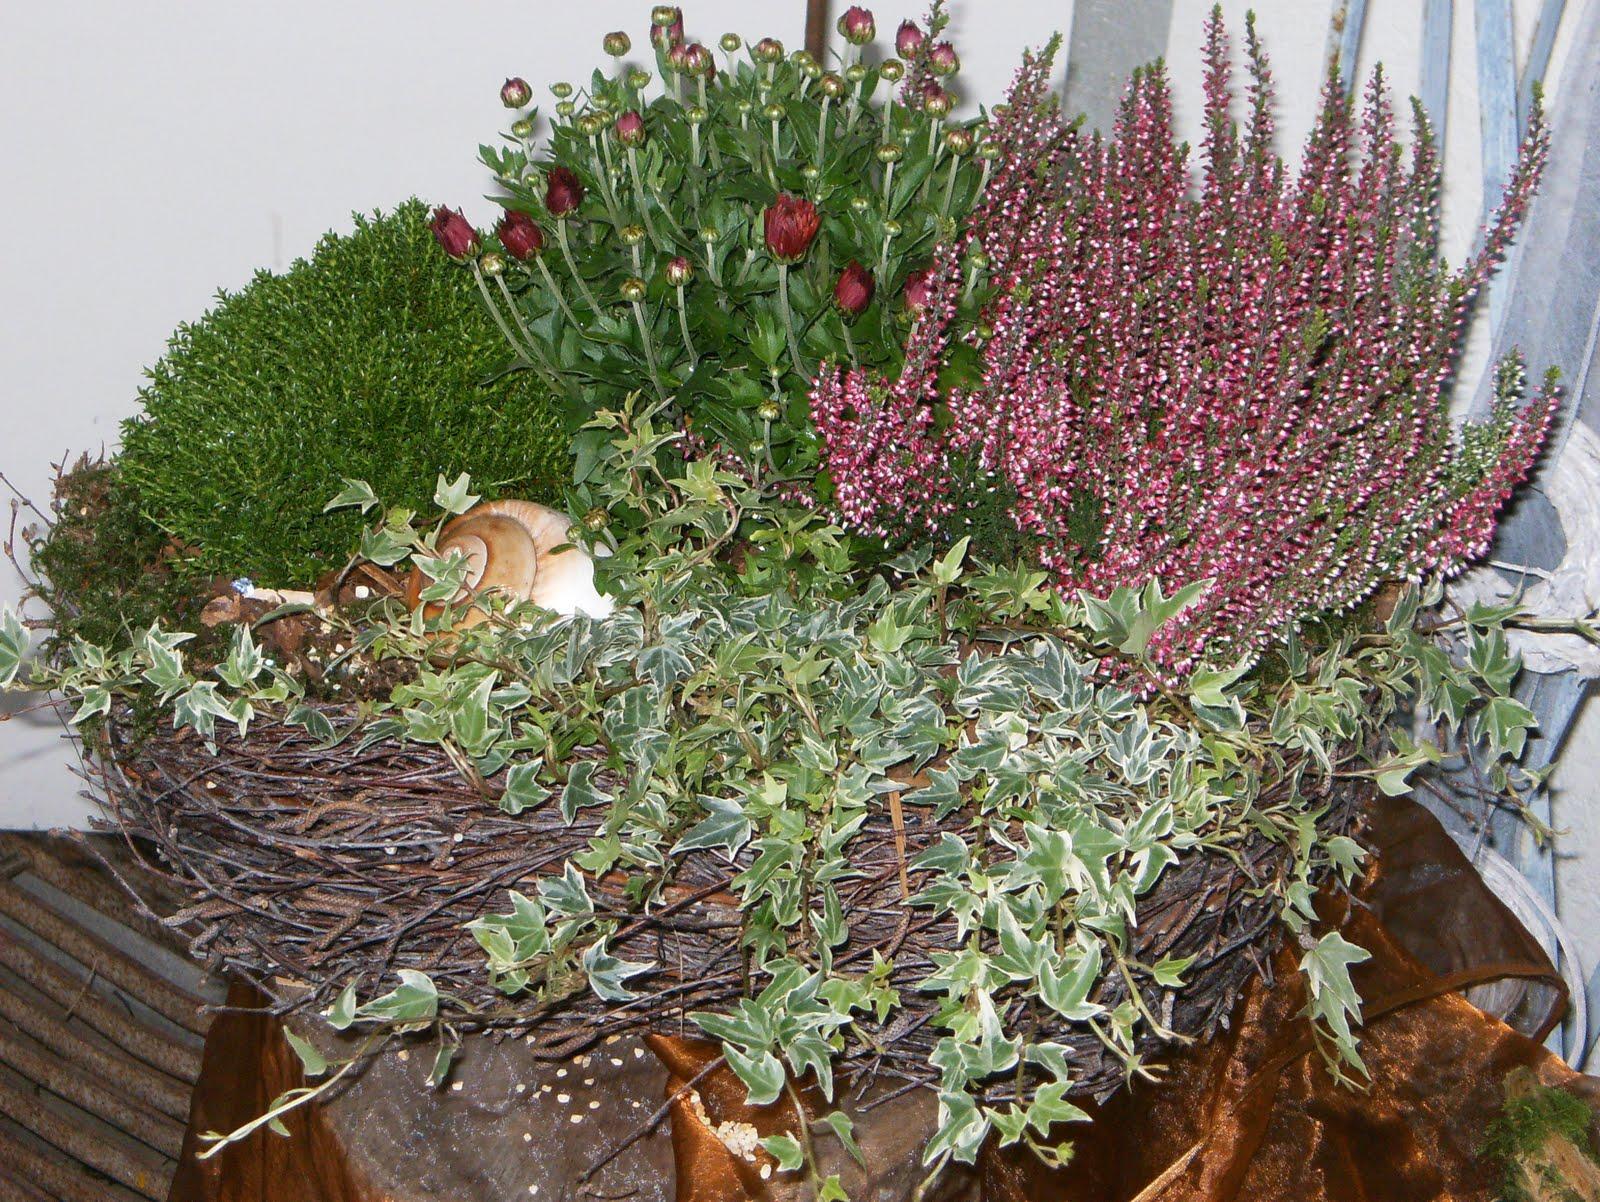 Herbst deko landhausstil – tex92.com